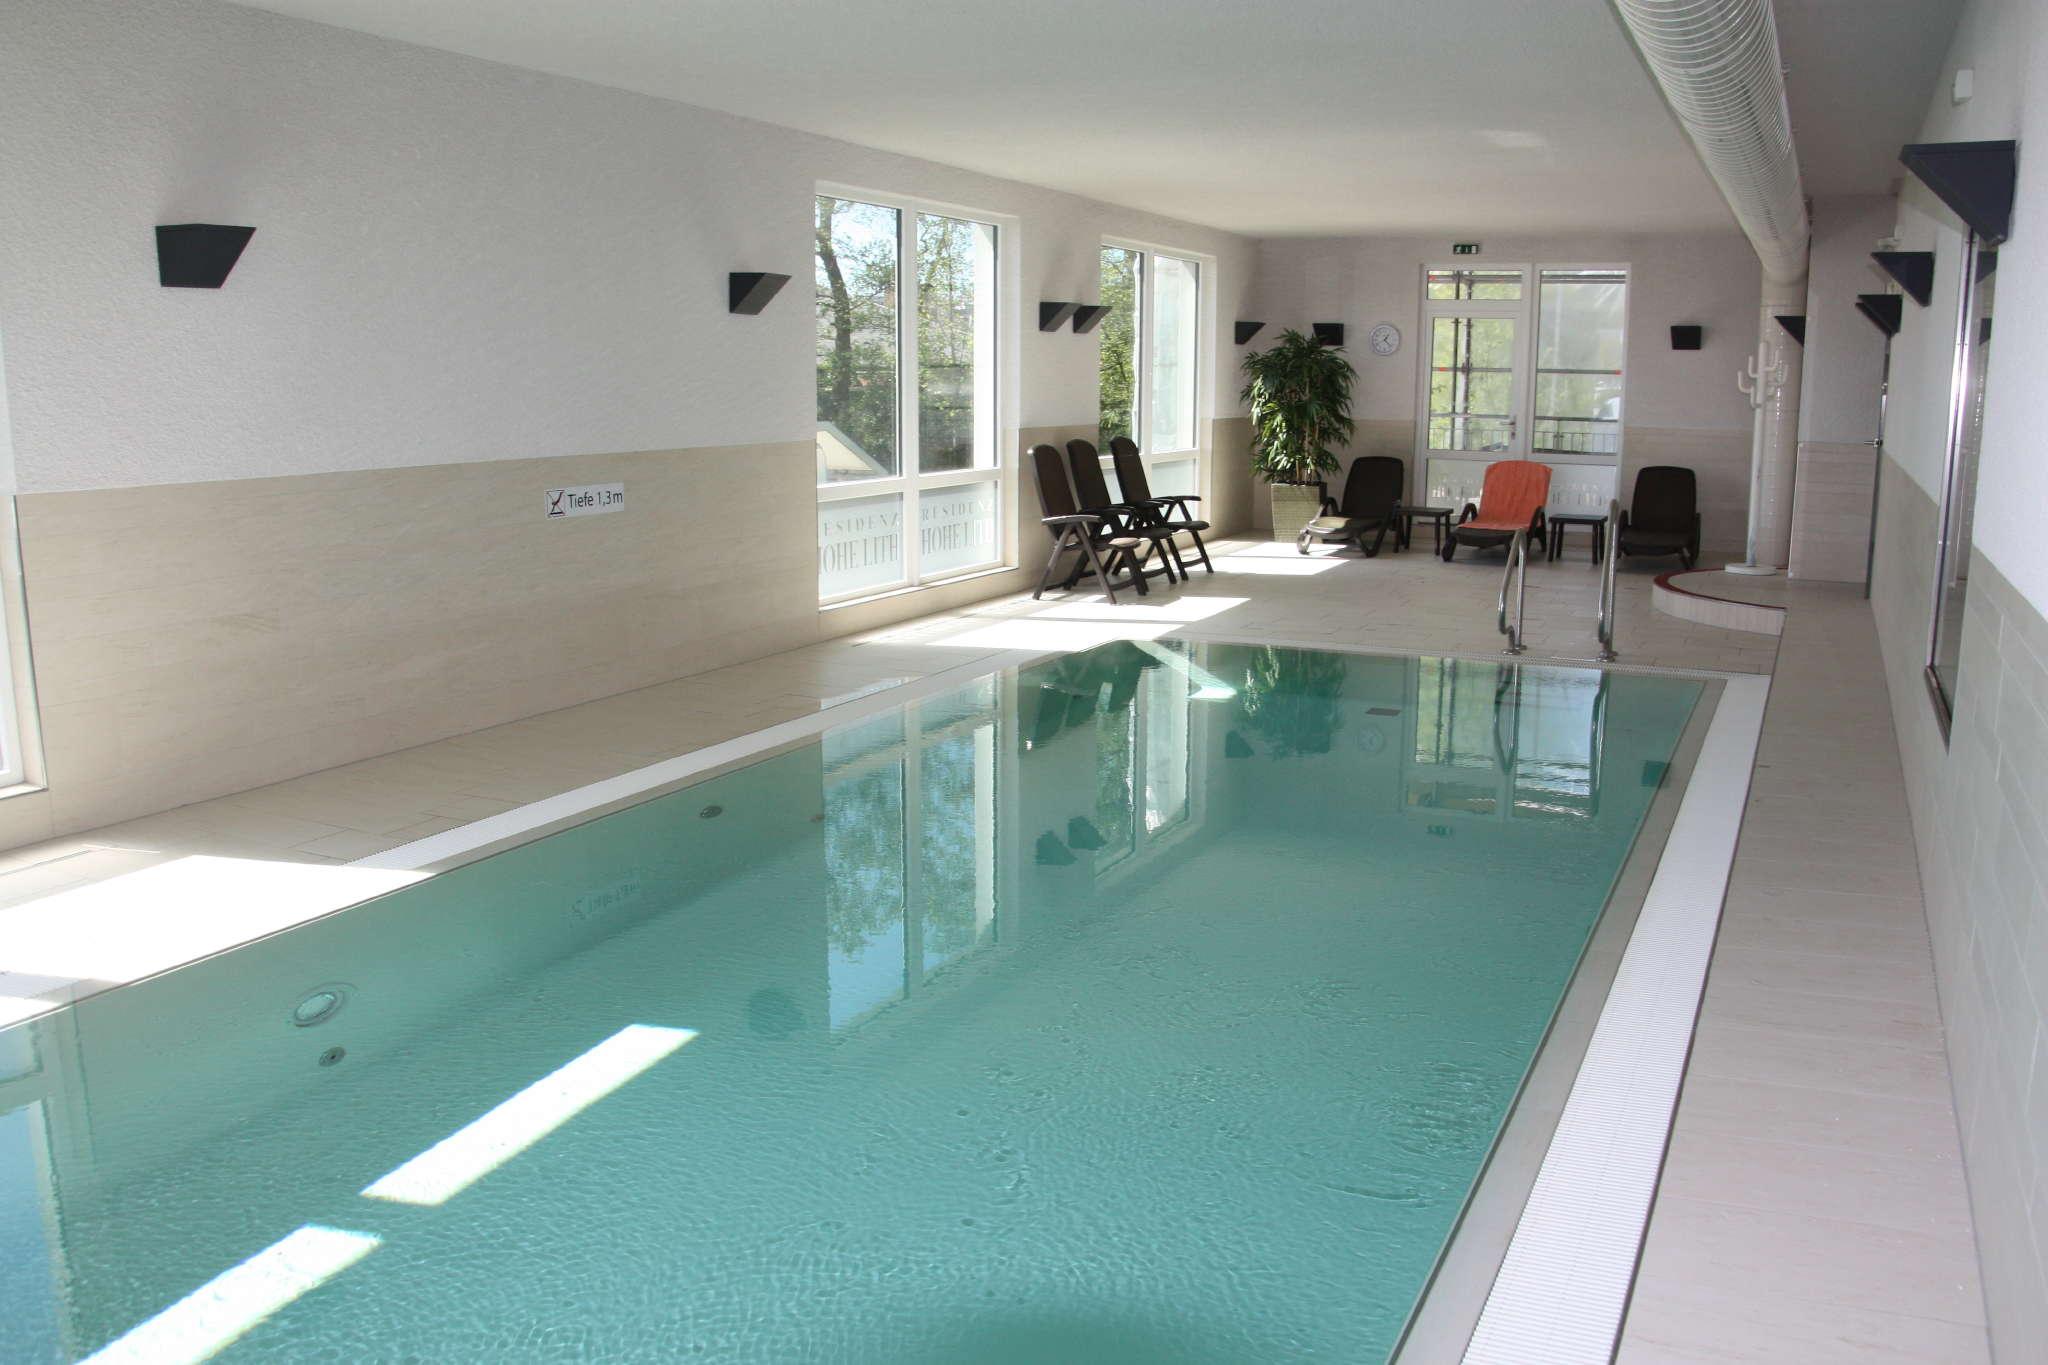 Das neue Schwimmbad